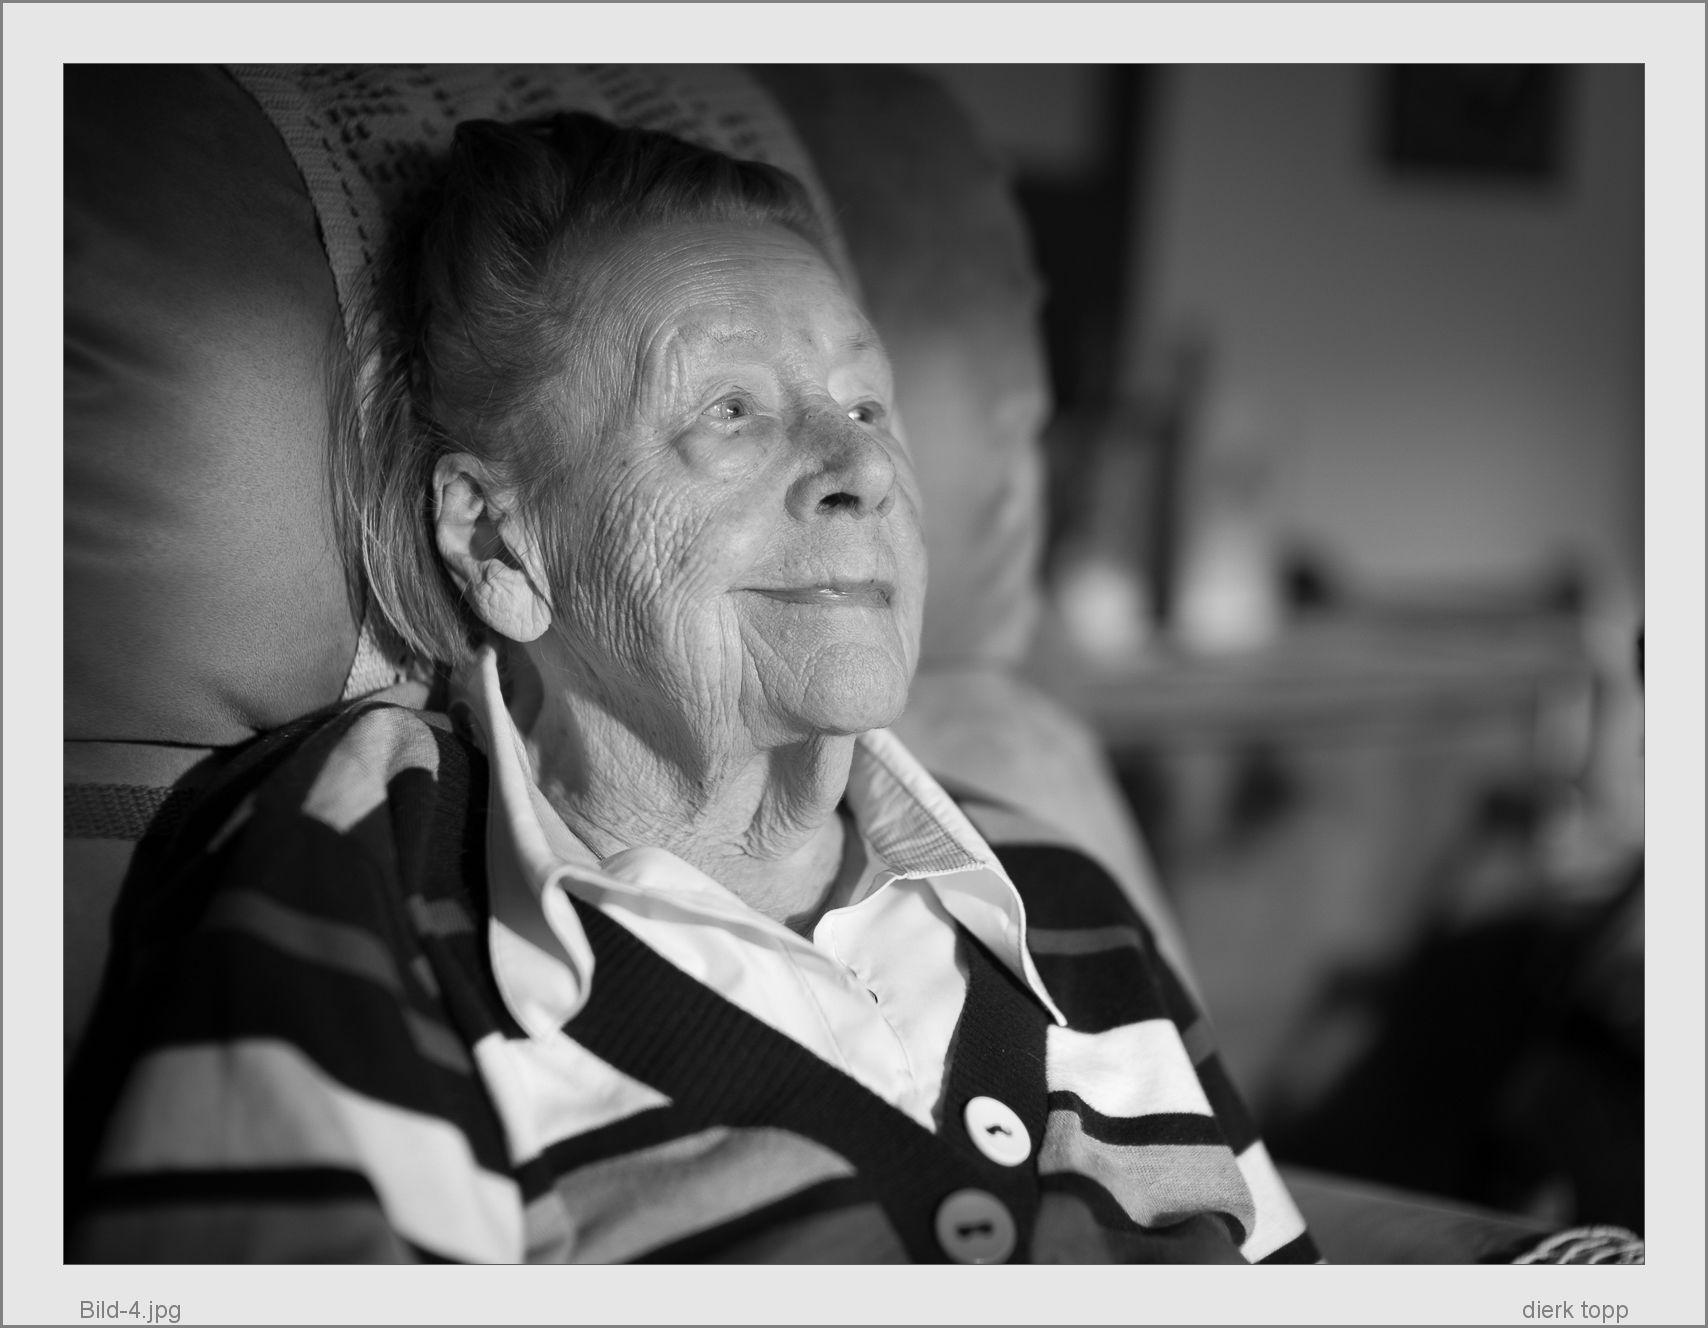 Meine Mutter 4 Wochen, bevor sie friedlich starb, Leica M Monochrom with Noctilux-M 50/0.95 @f1.4, minimal PP with LR4 (crop, light grey) - (c) Dierk Topp